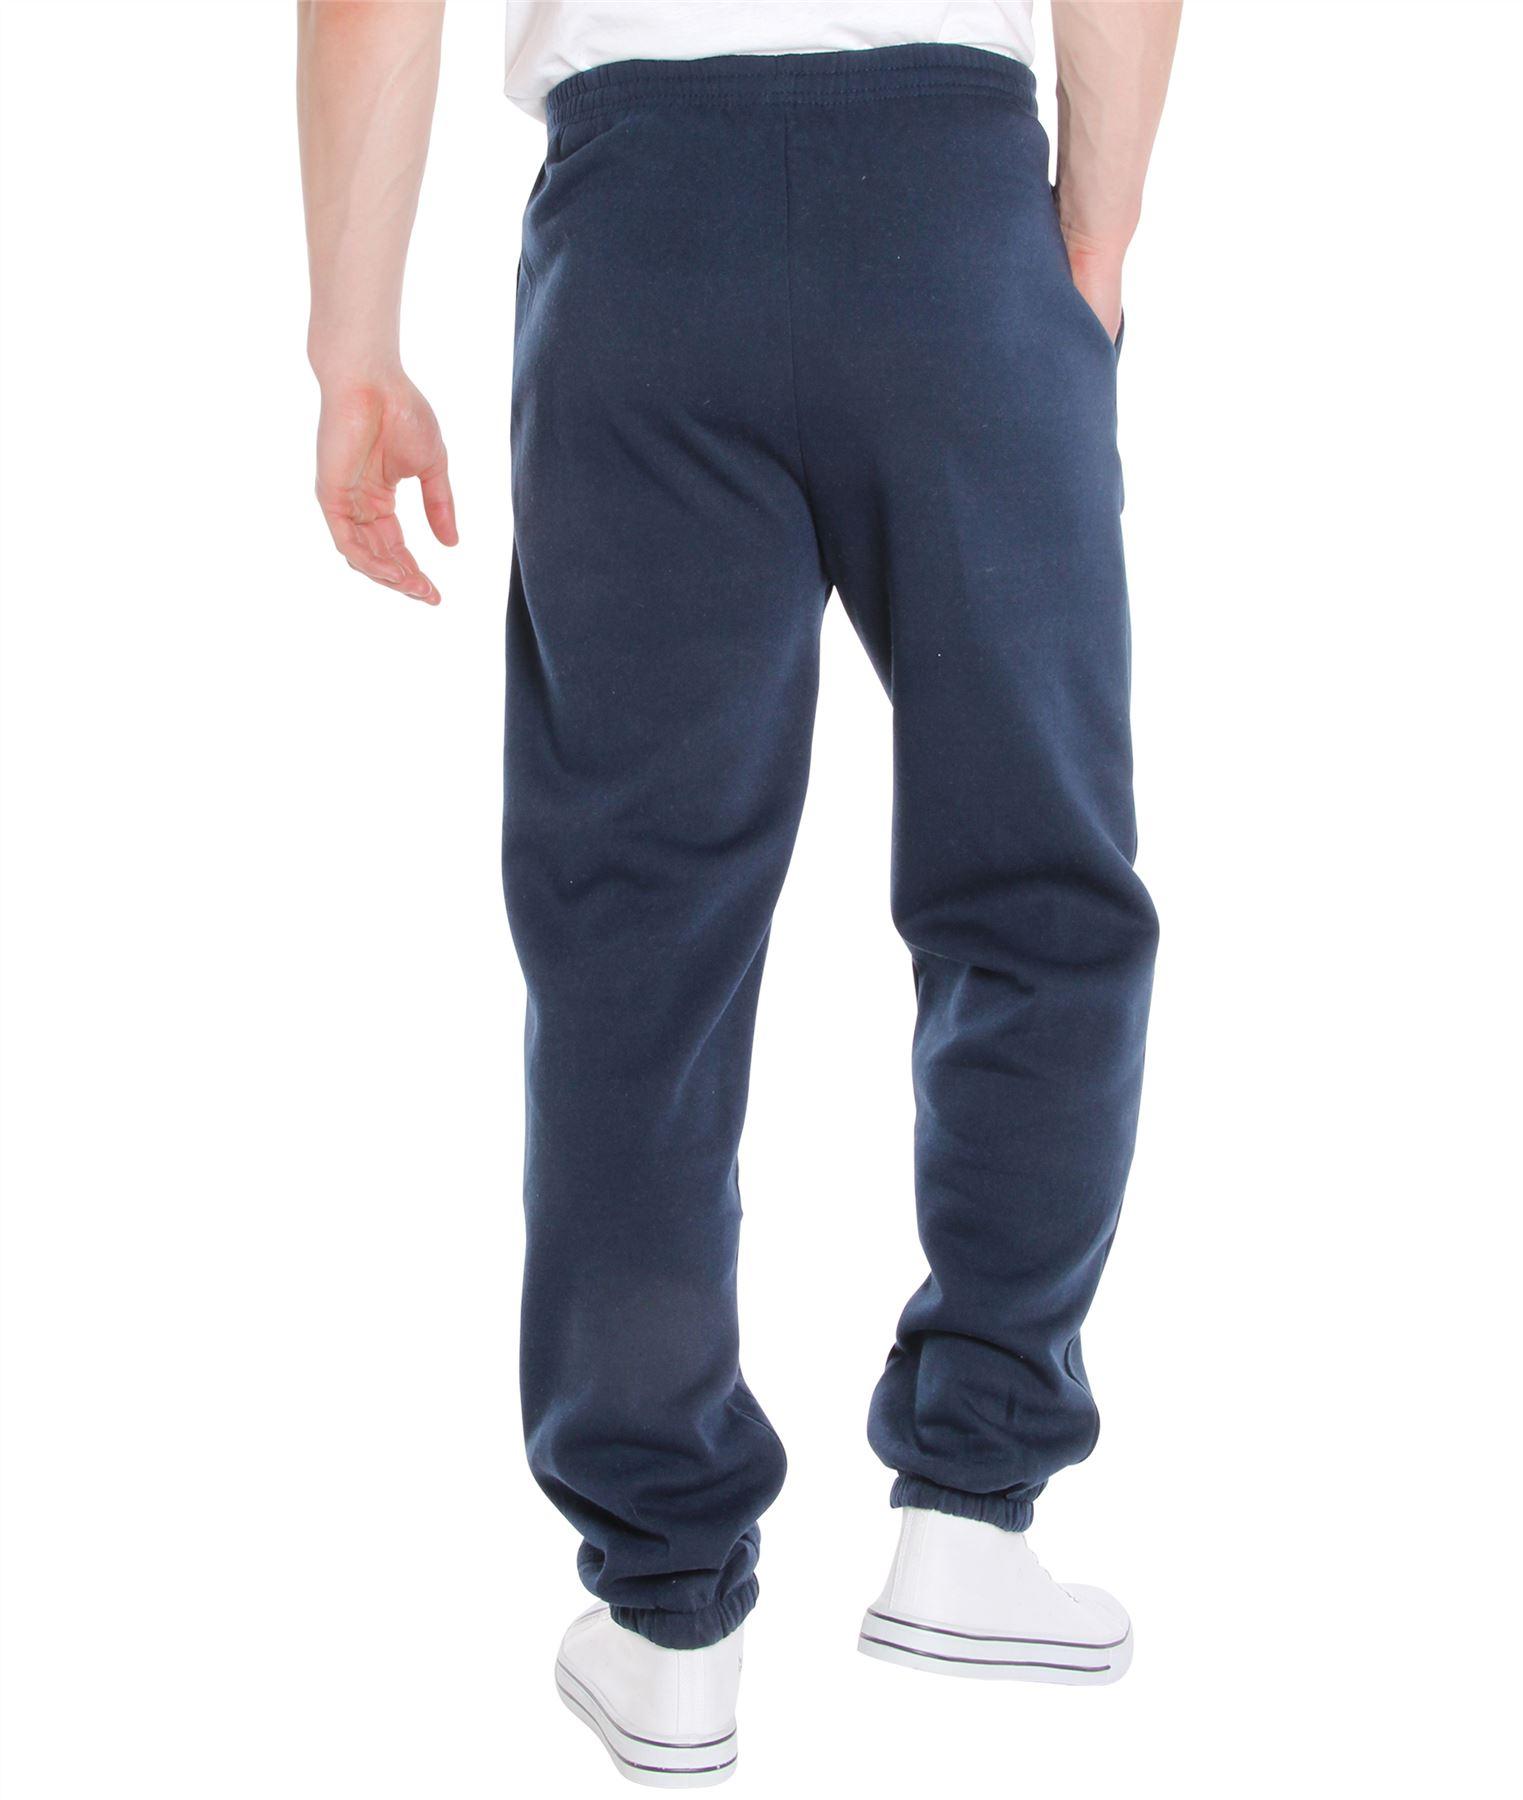 Homme-Pantalon-Double-Polaire-Survetement-Bas-Jogging-Decontracte-Sport-Gym miniature 5